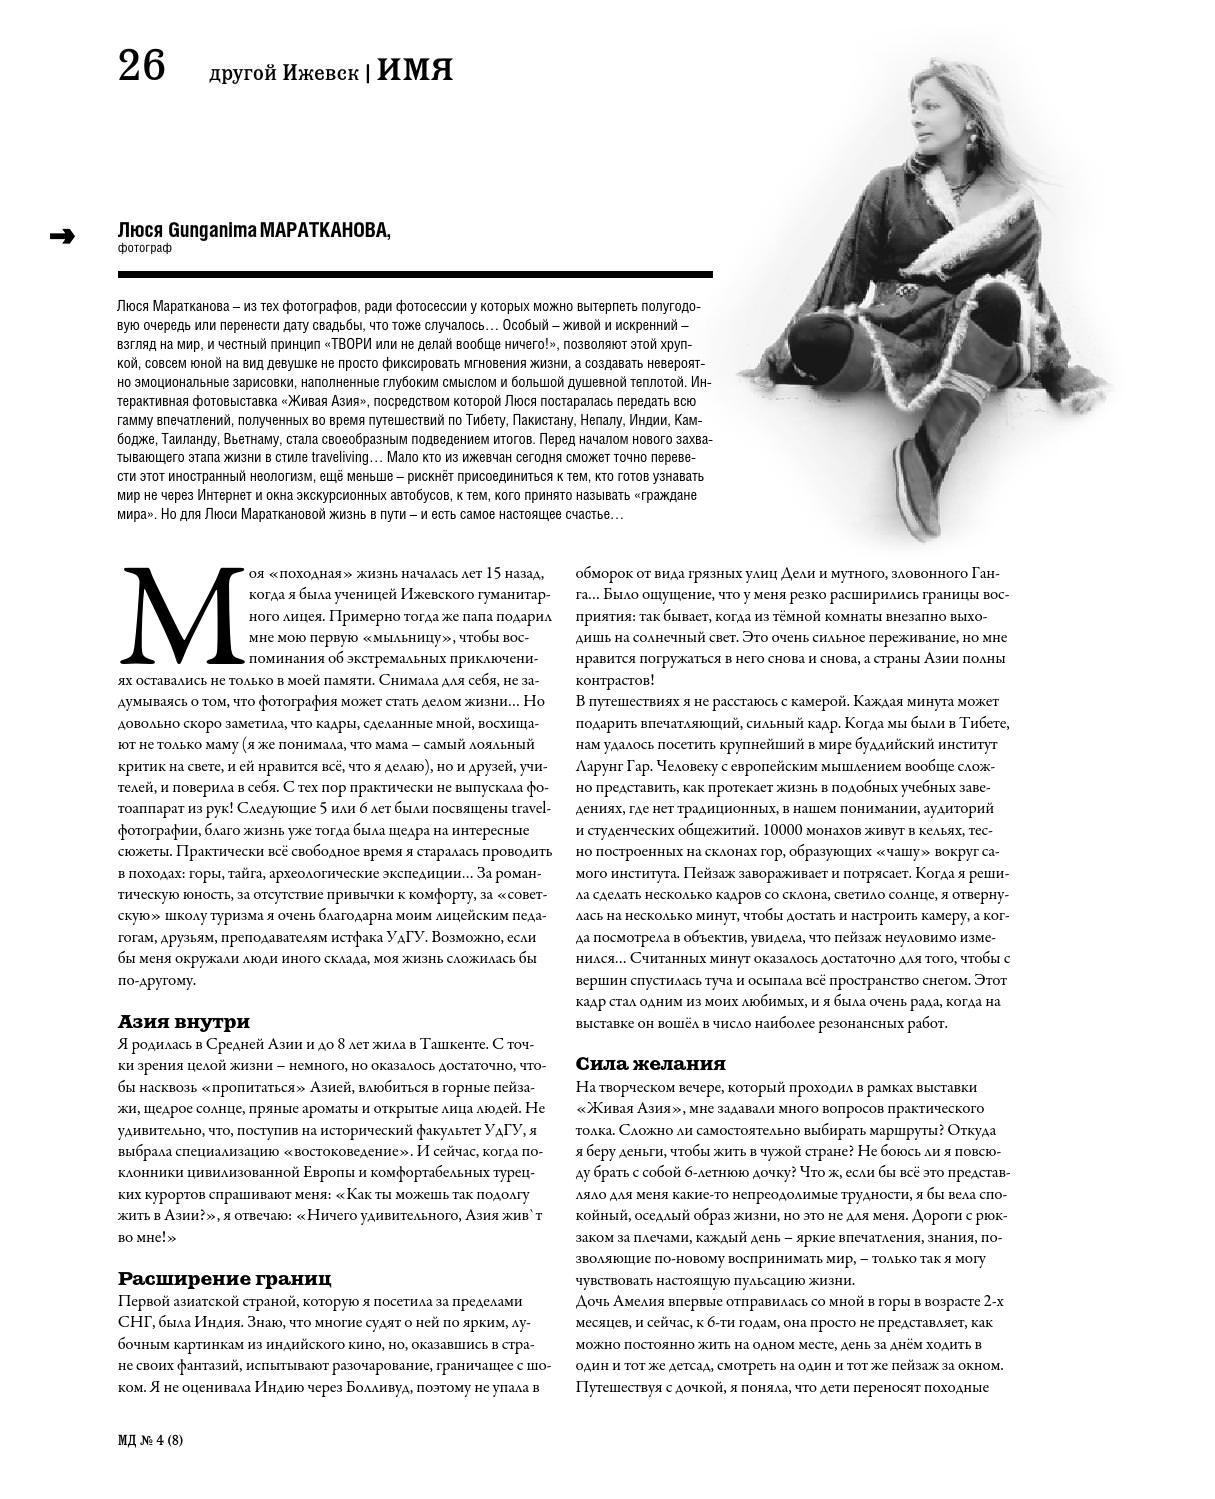 интервью журналу Мастердом